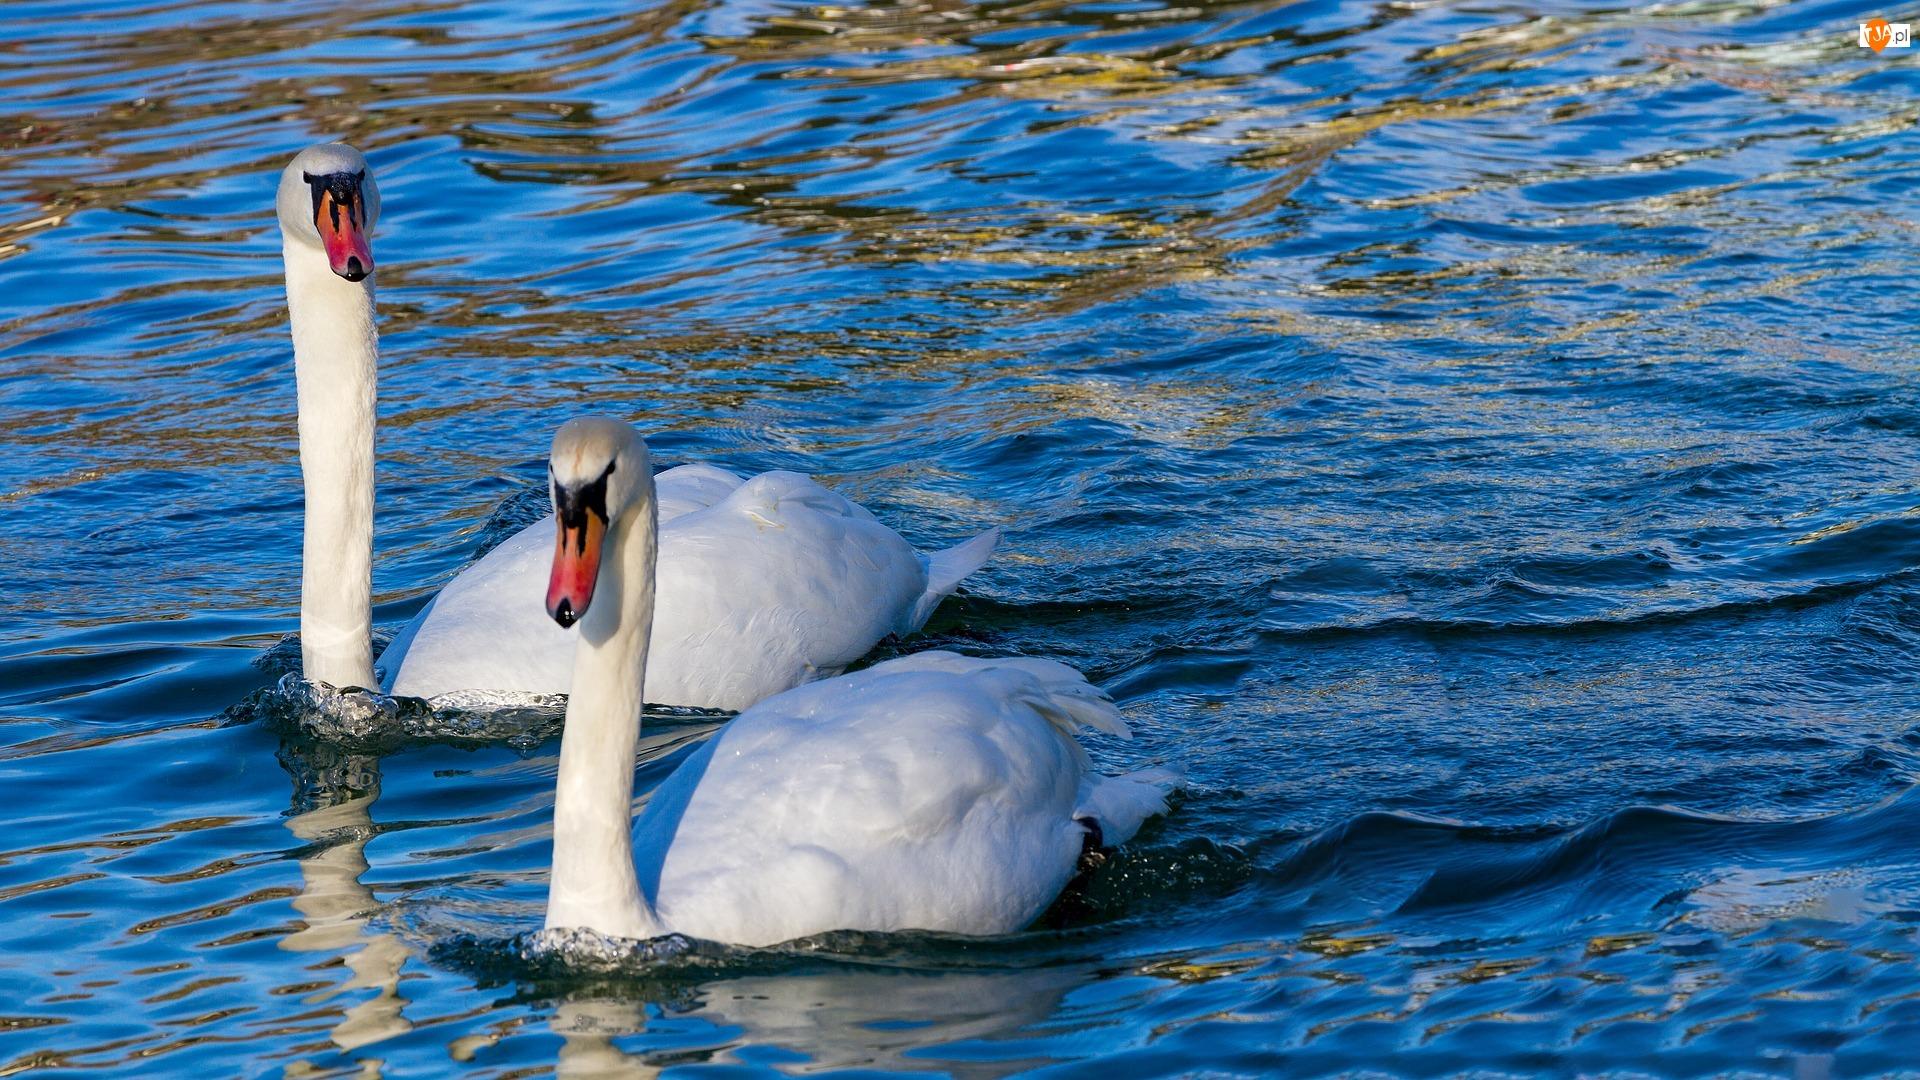 Dwa, Ptaki, Białe, Woda, Łabędzie, Para